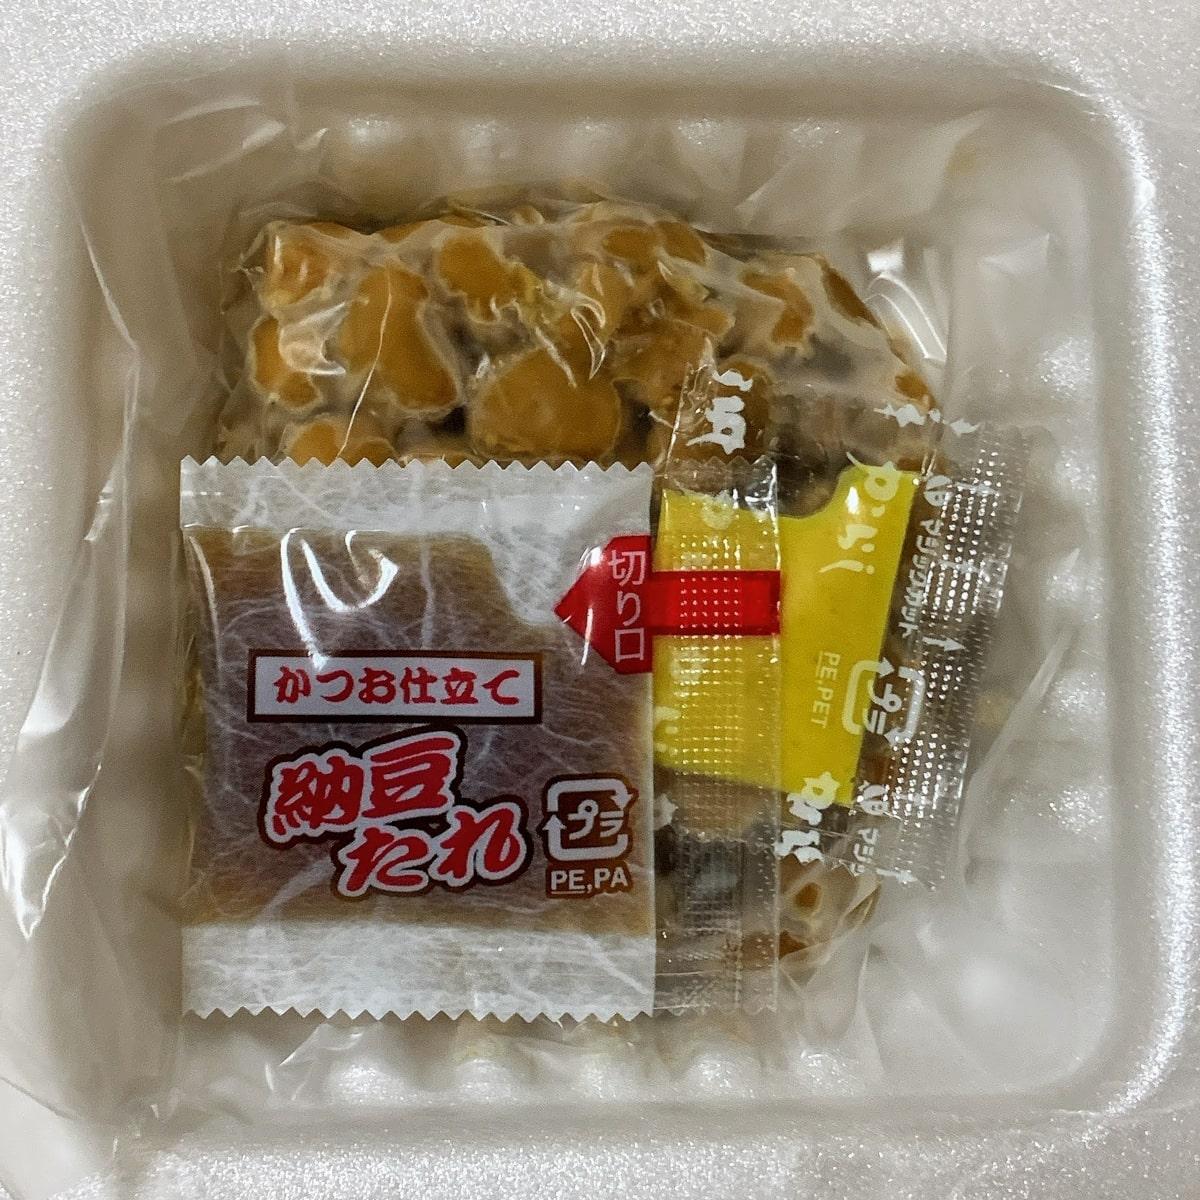 「豆力」の容器の中の画像